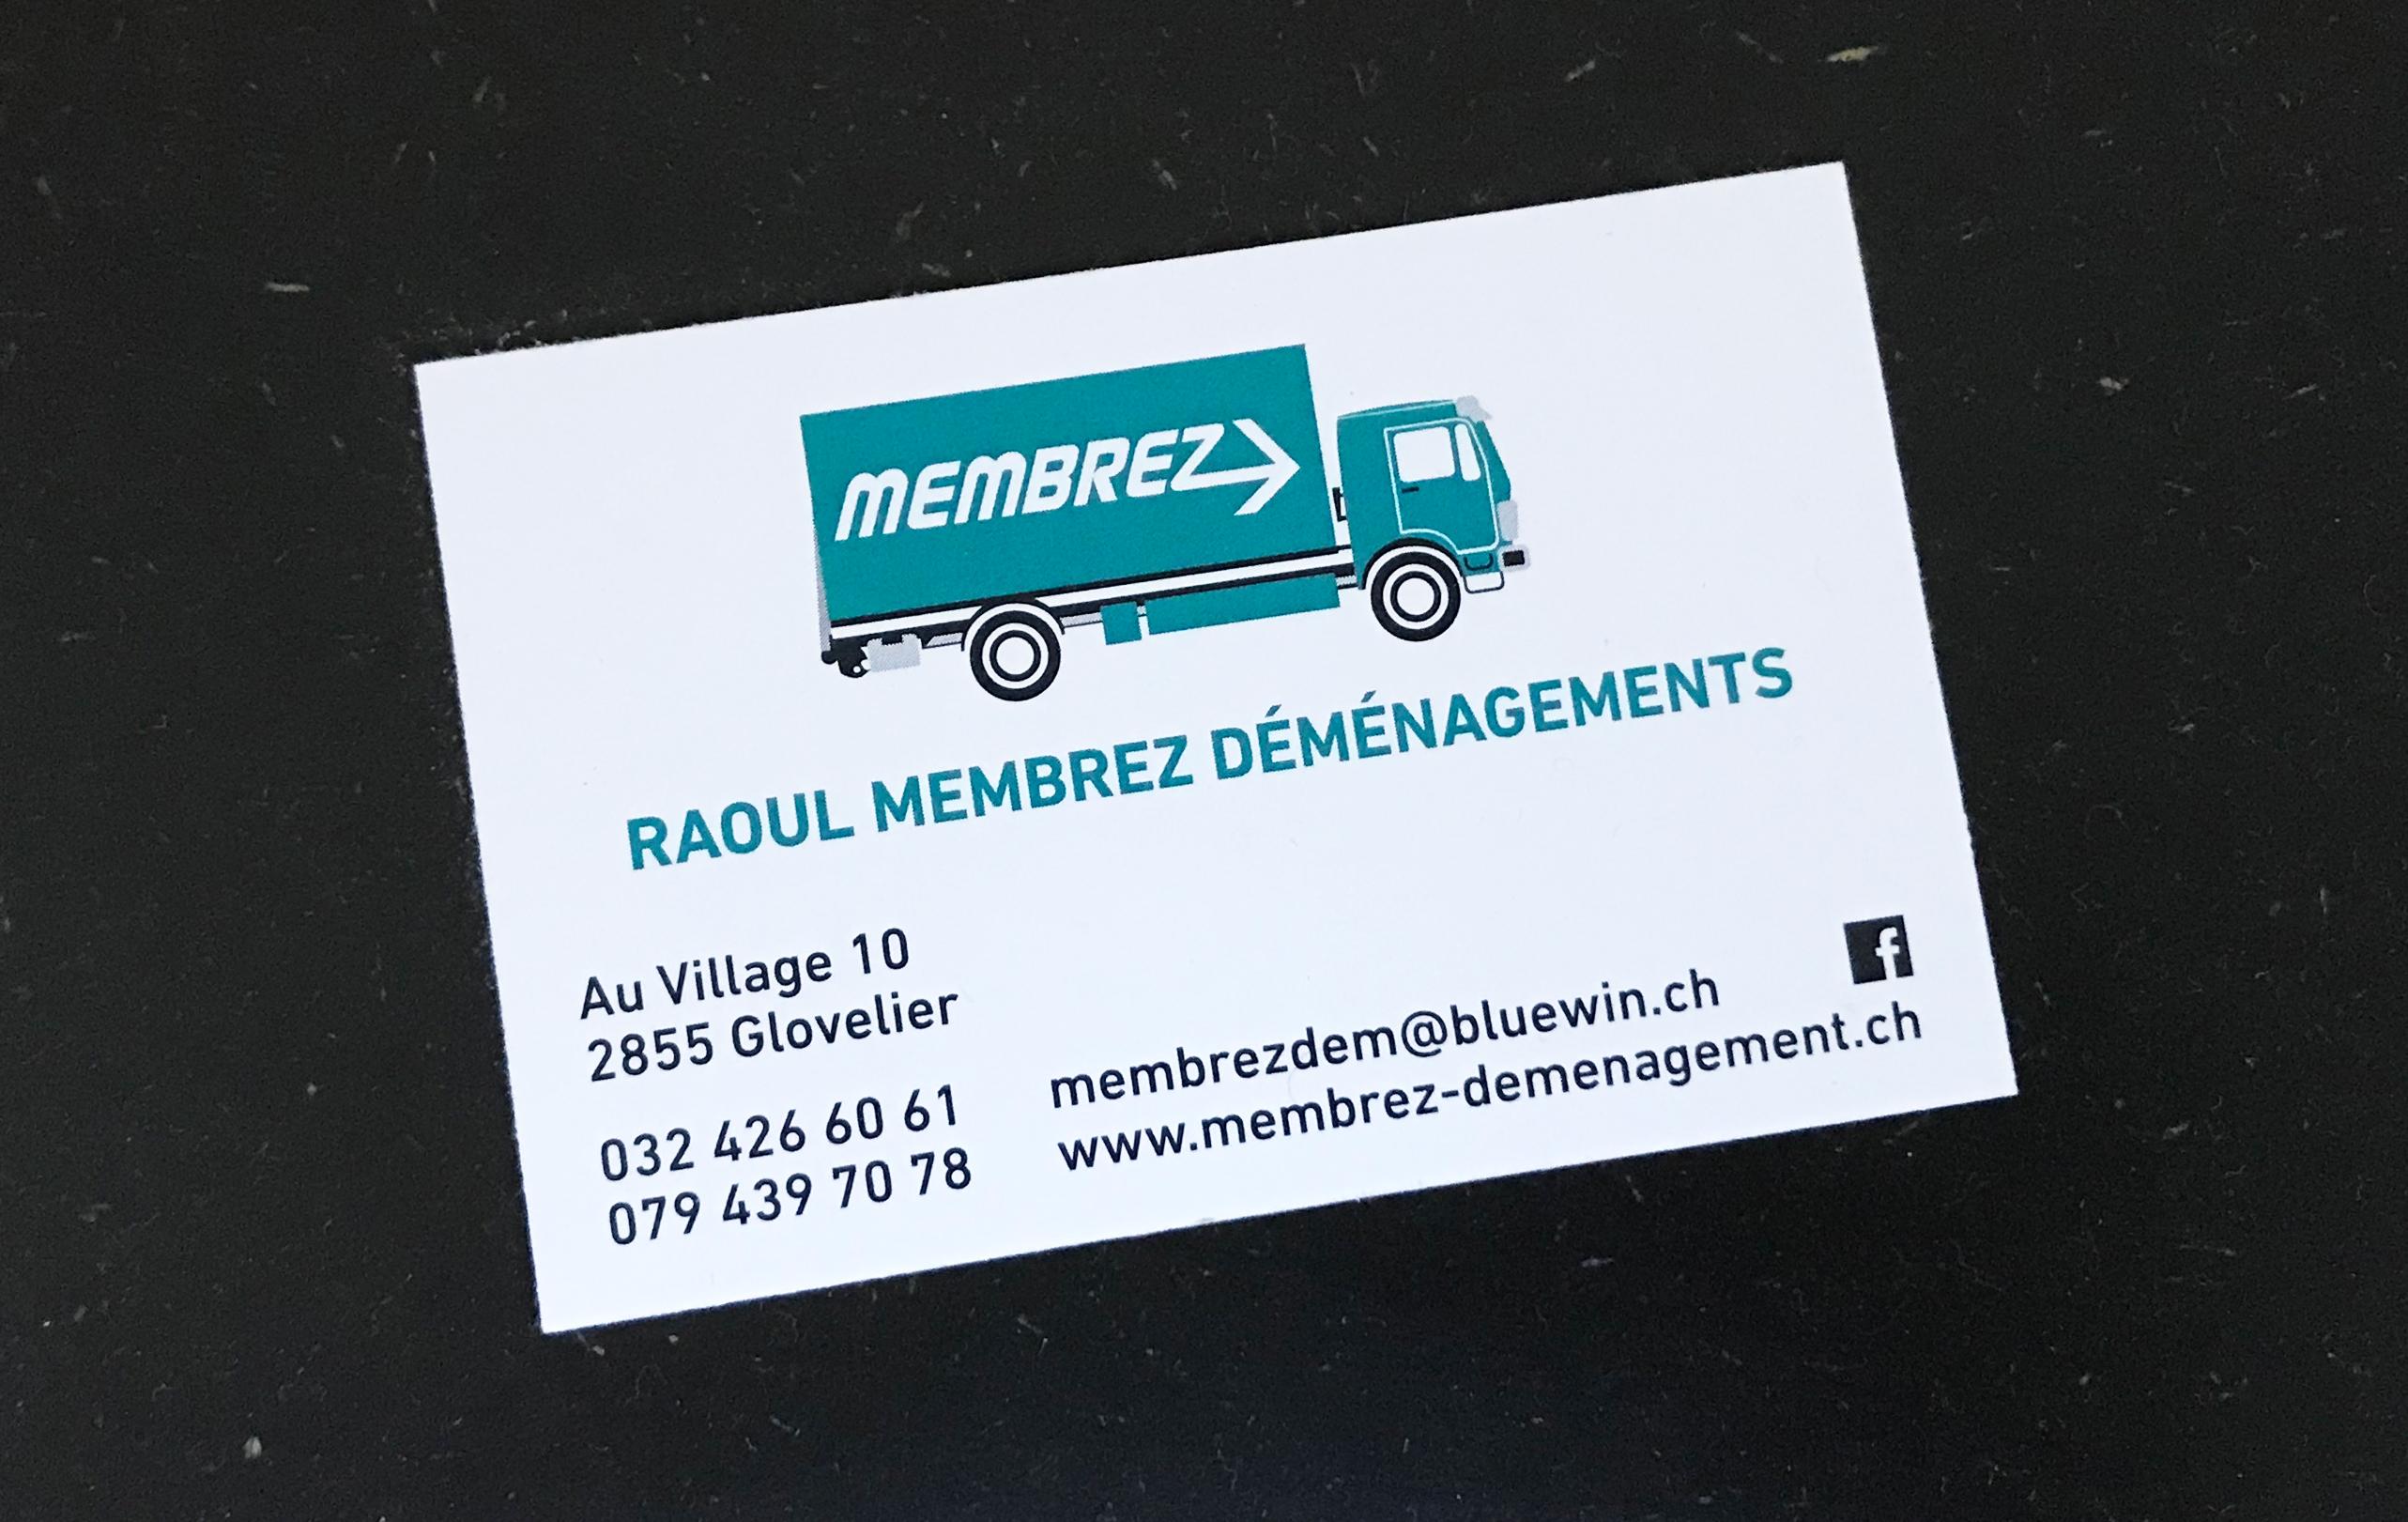 Carte de visite Raoul Membrez Déménagements Glovelier